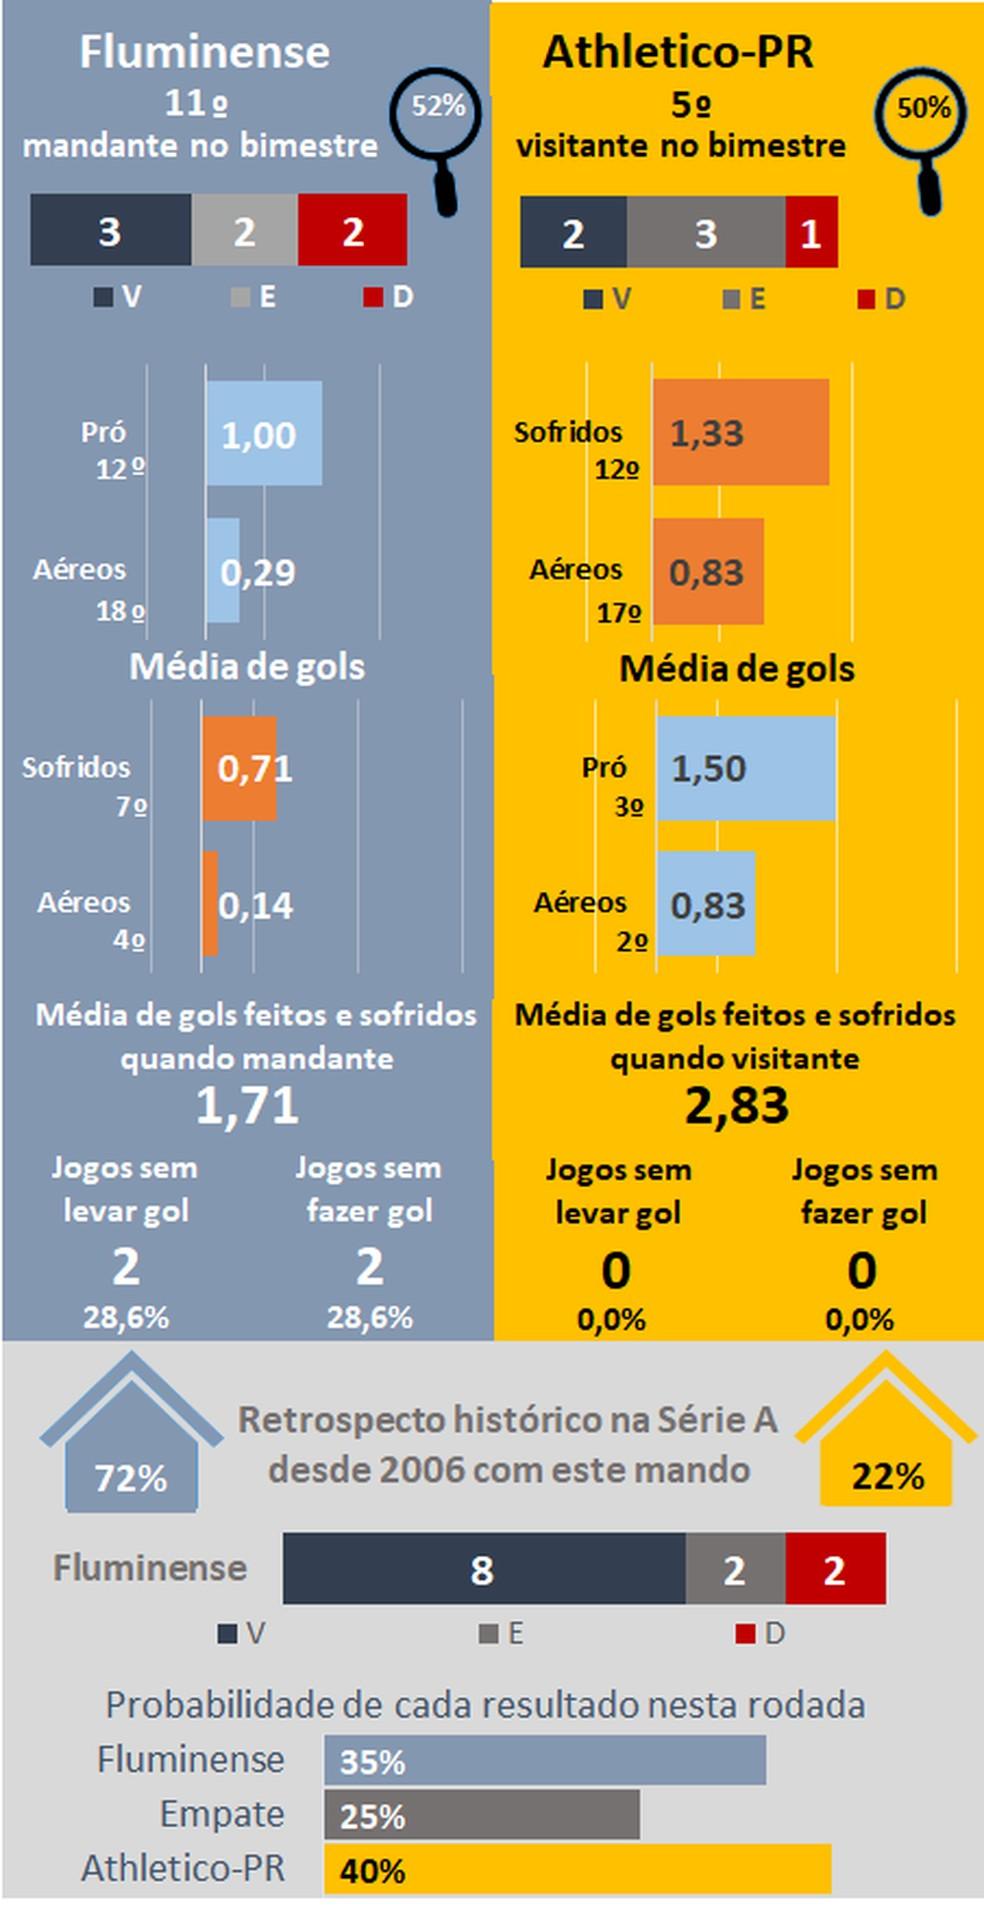 Favoritismos #26 — Foto: Espião Estatístico